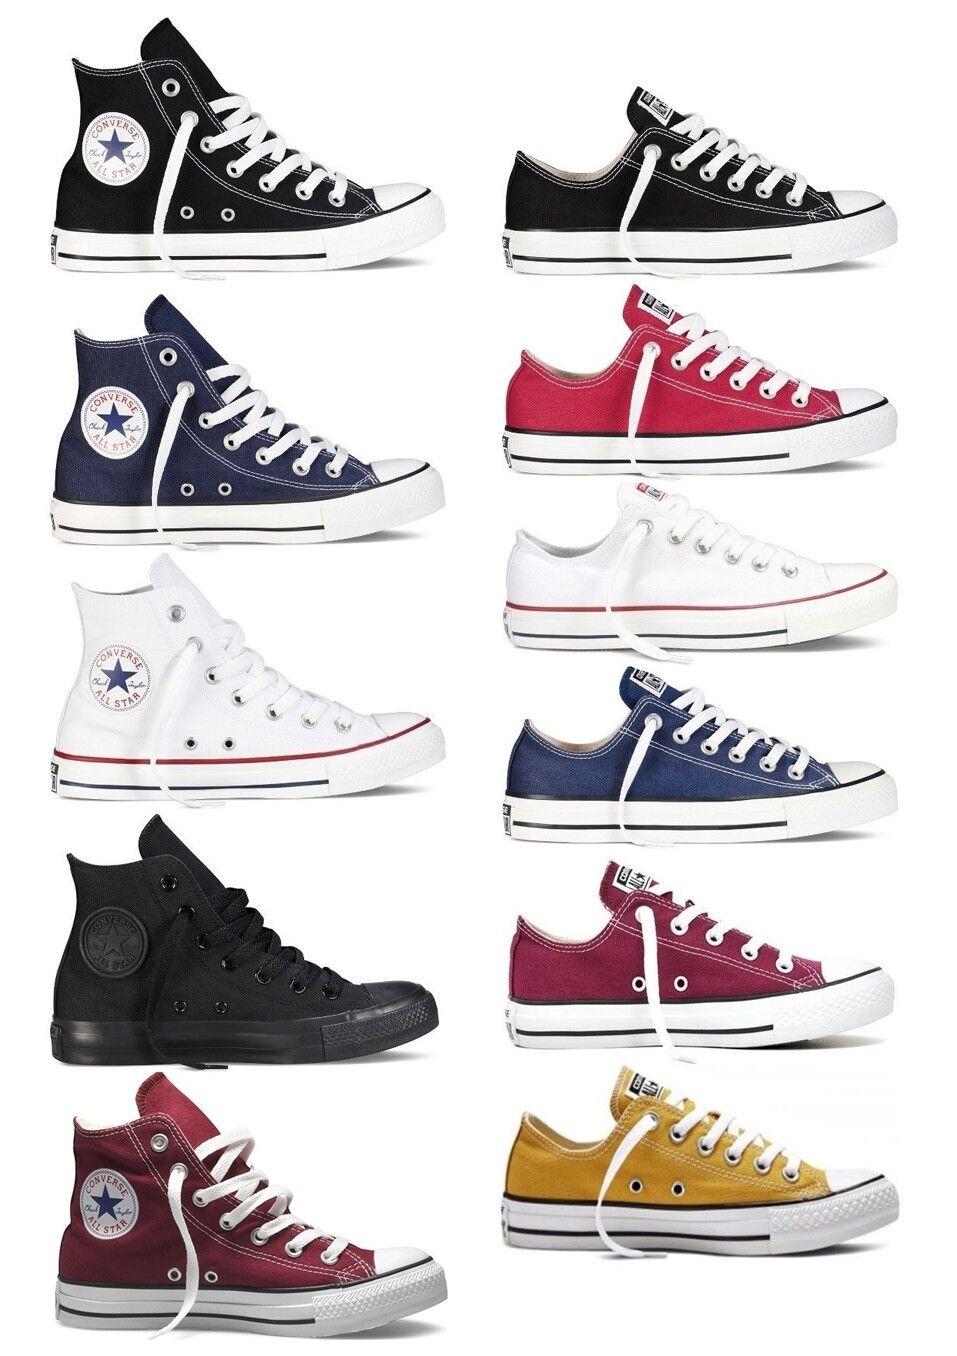 Zapatos promocionales para hombres y mujeres CONVERSE CHUCK TAYLOR ALL STAR BASSE ALTE scarpe sneakers uomo donna tessuto run